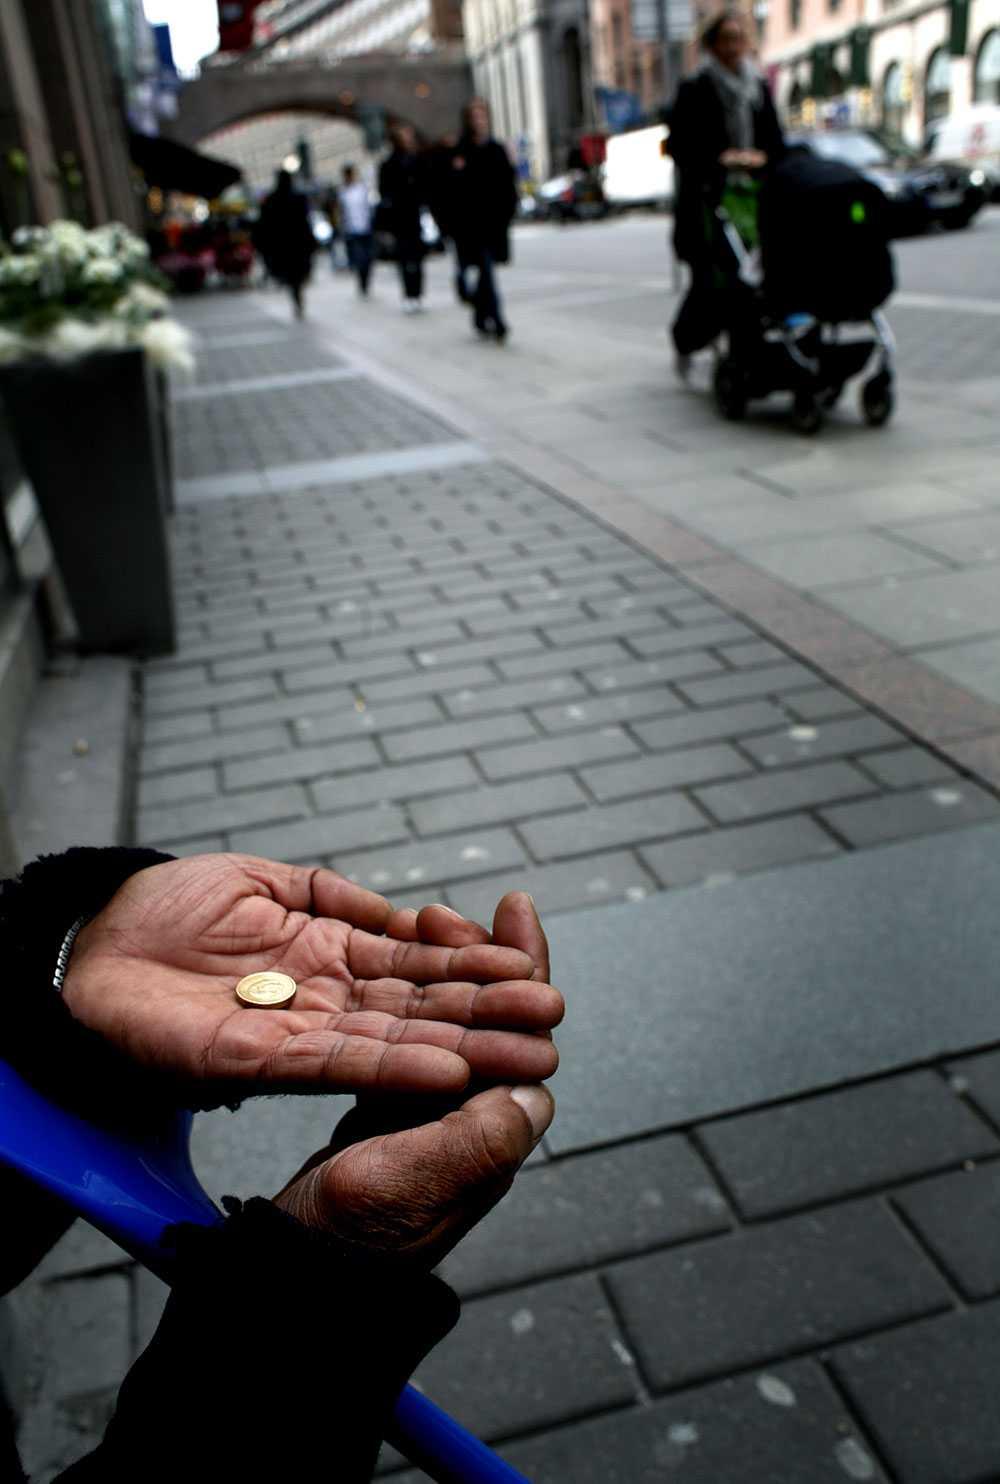 Tiggare på Kungsgatan i Stockholm. Obs: arkivbild.